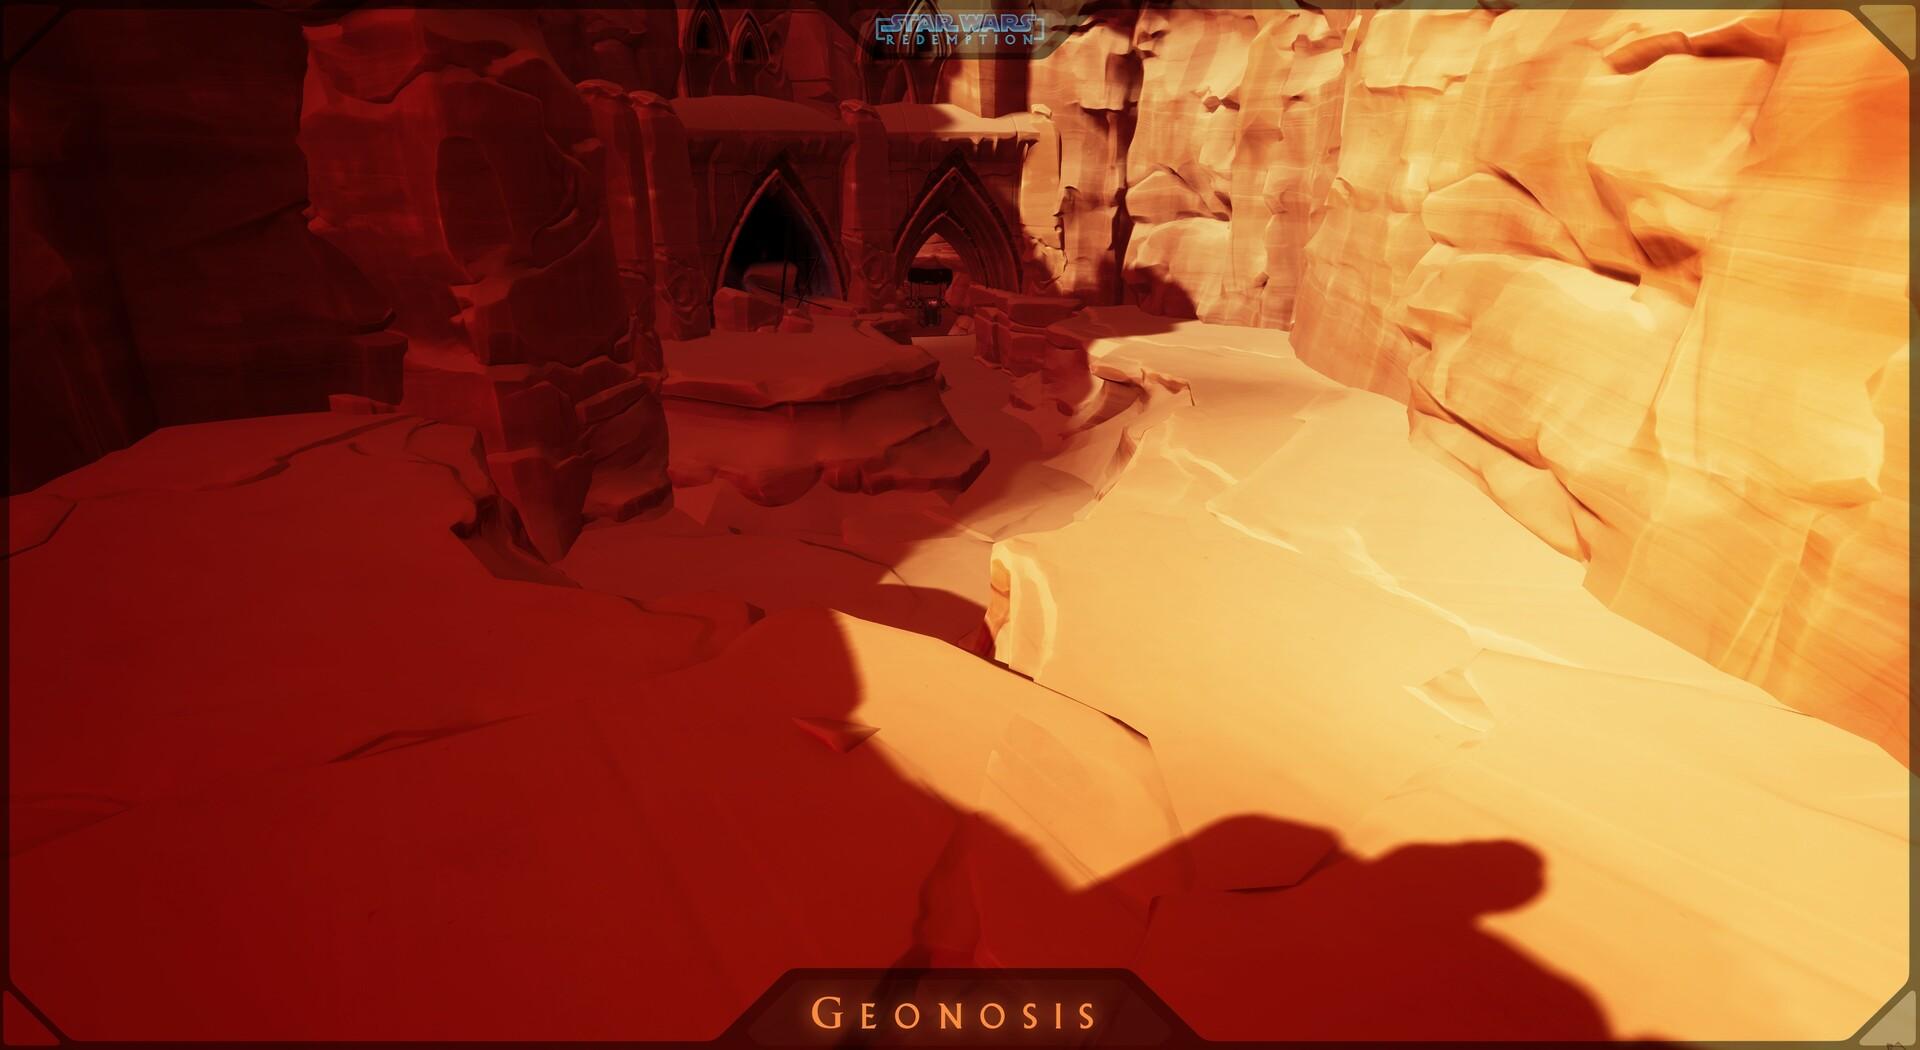 Etienne beschet swr screenshot geonosis 02